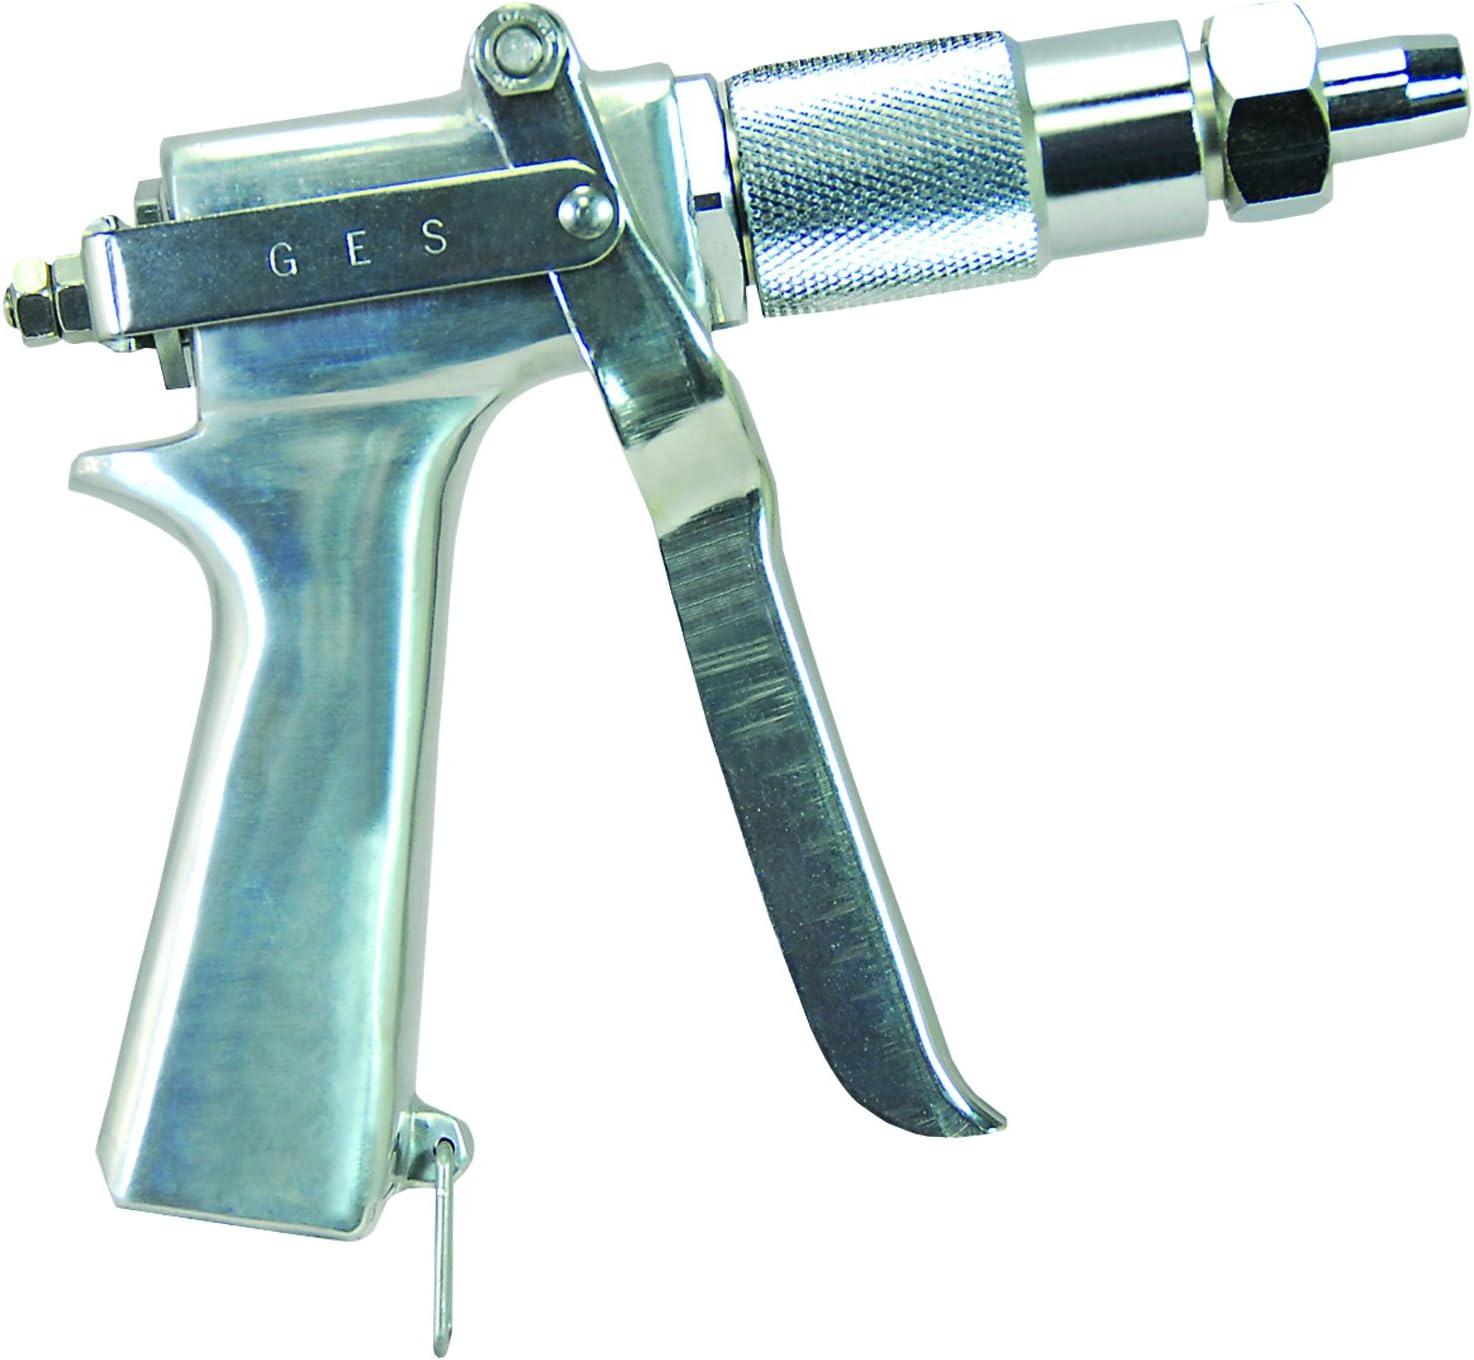 HD Hudson GES-505 Gun, 38505